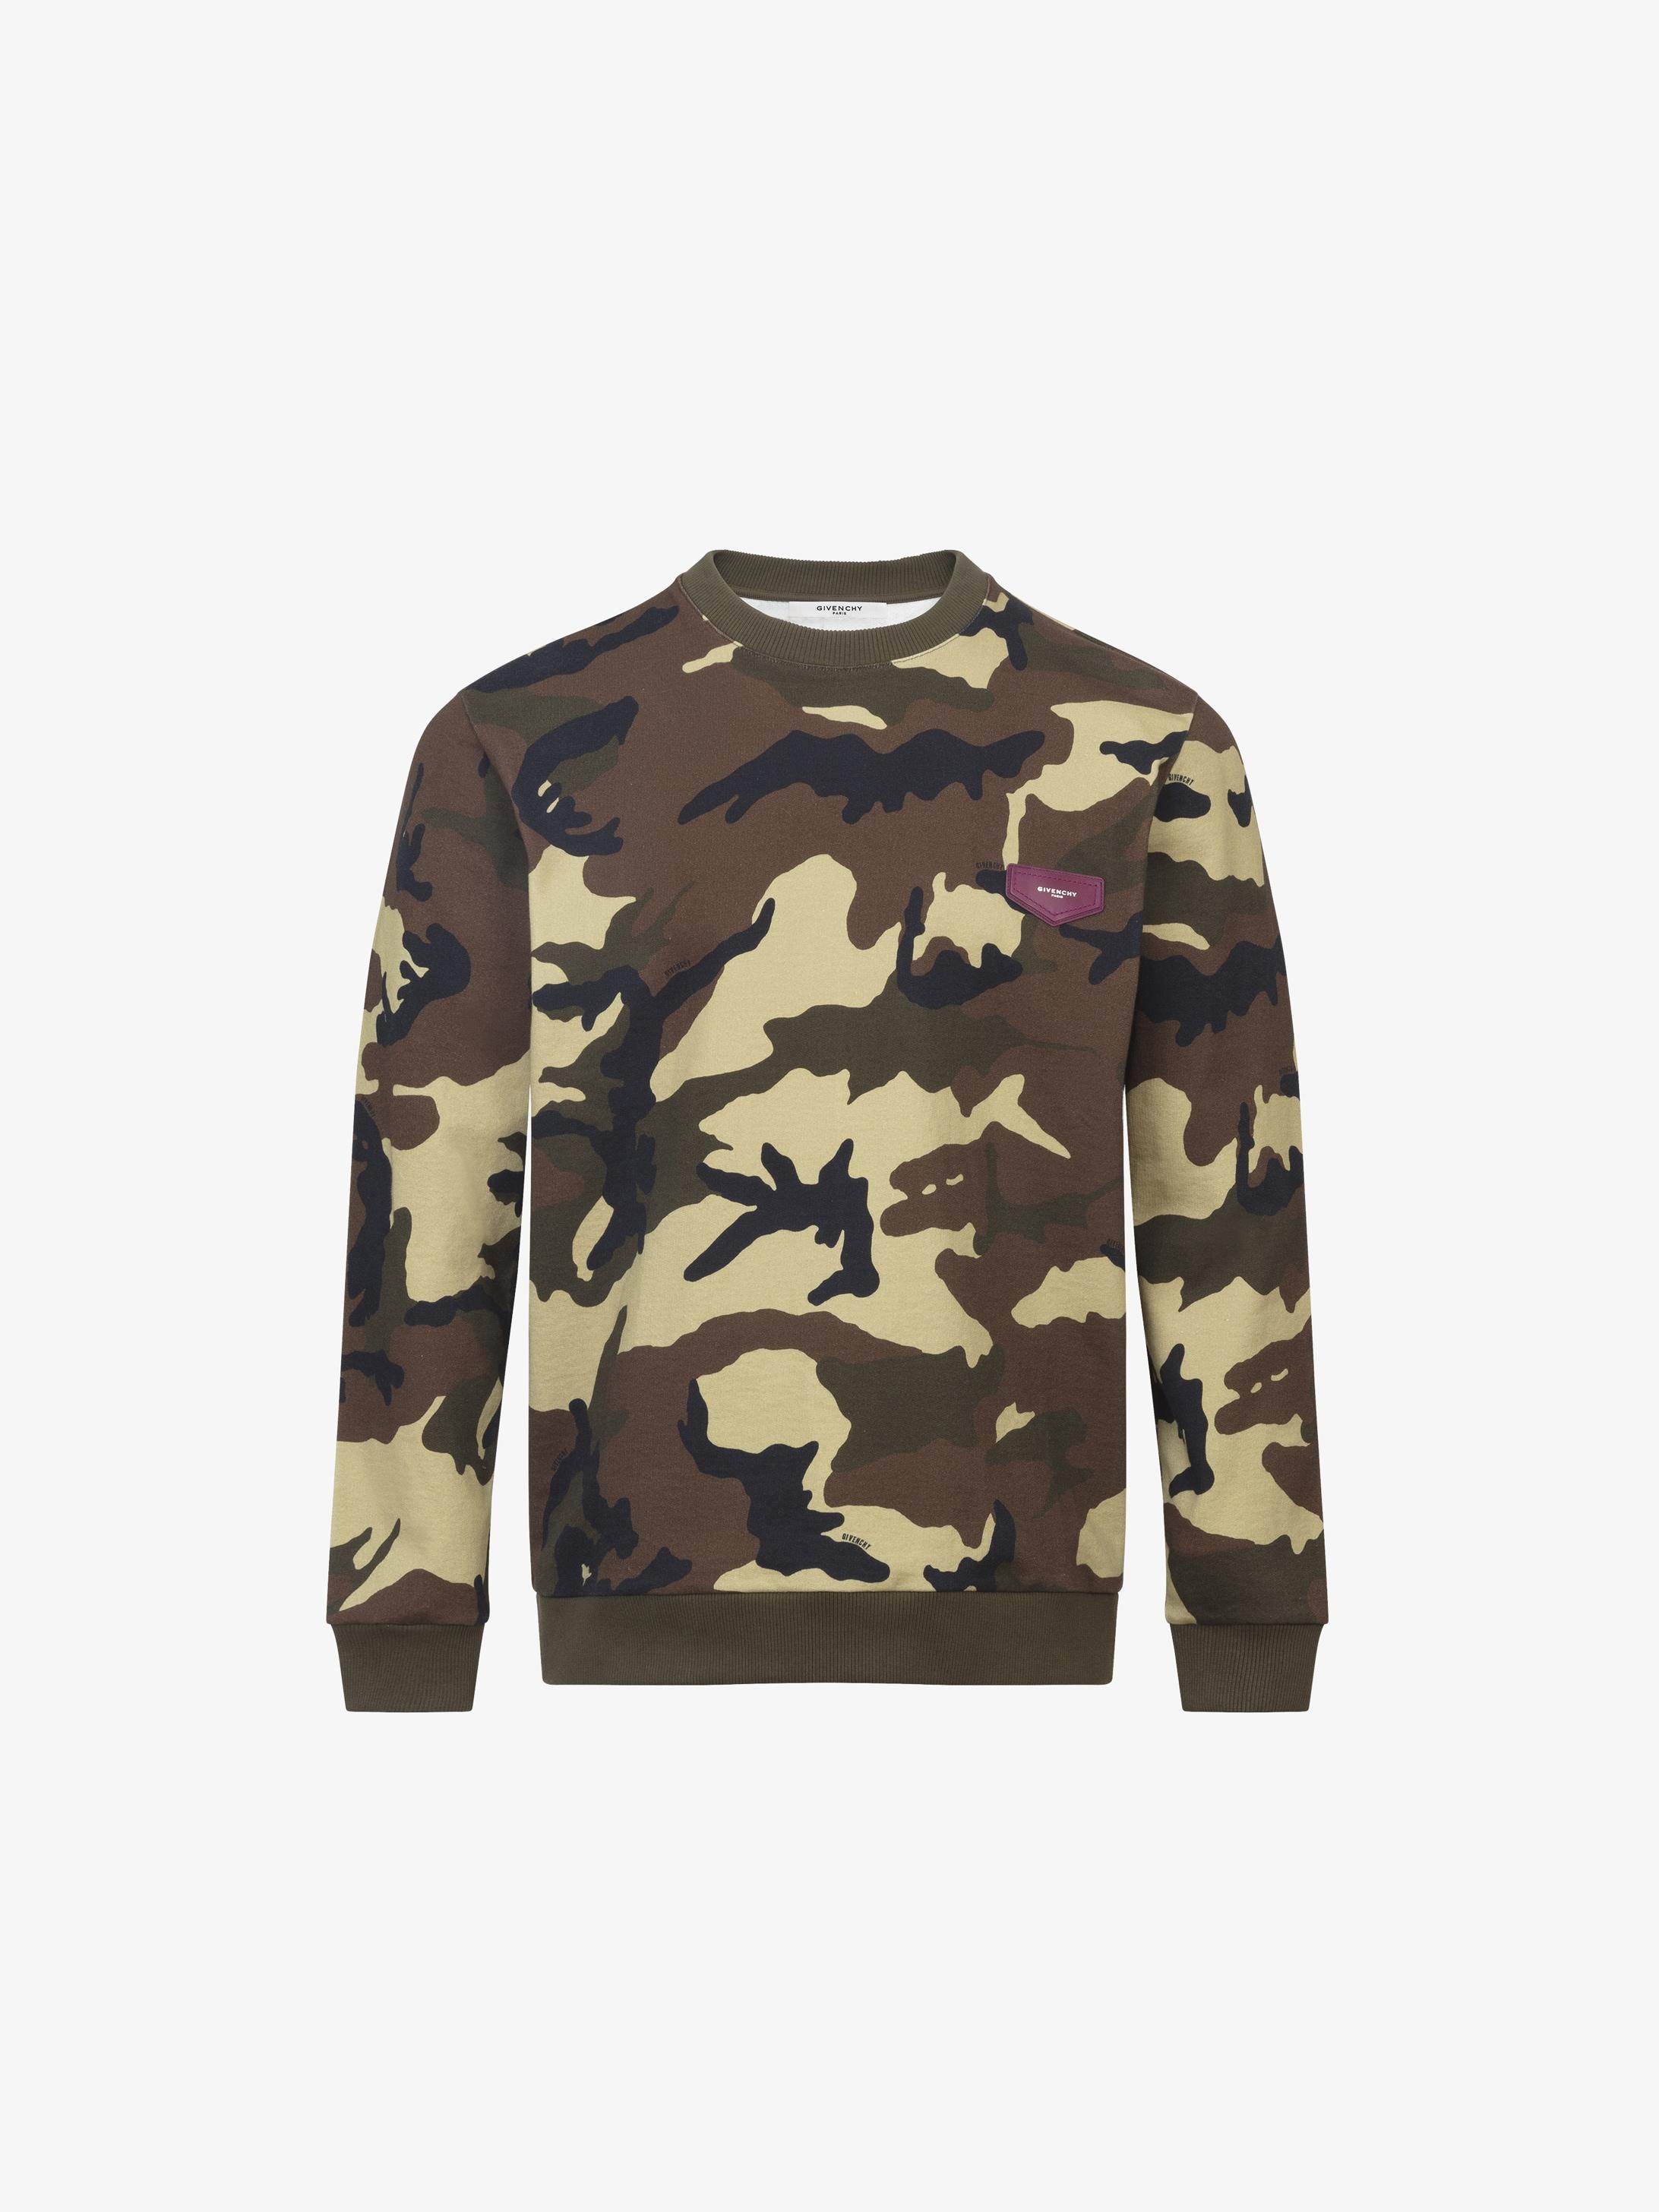 Sweatshirt en felpa imprimé camouflage